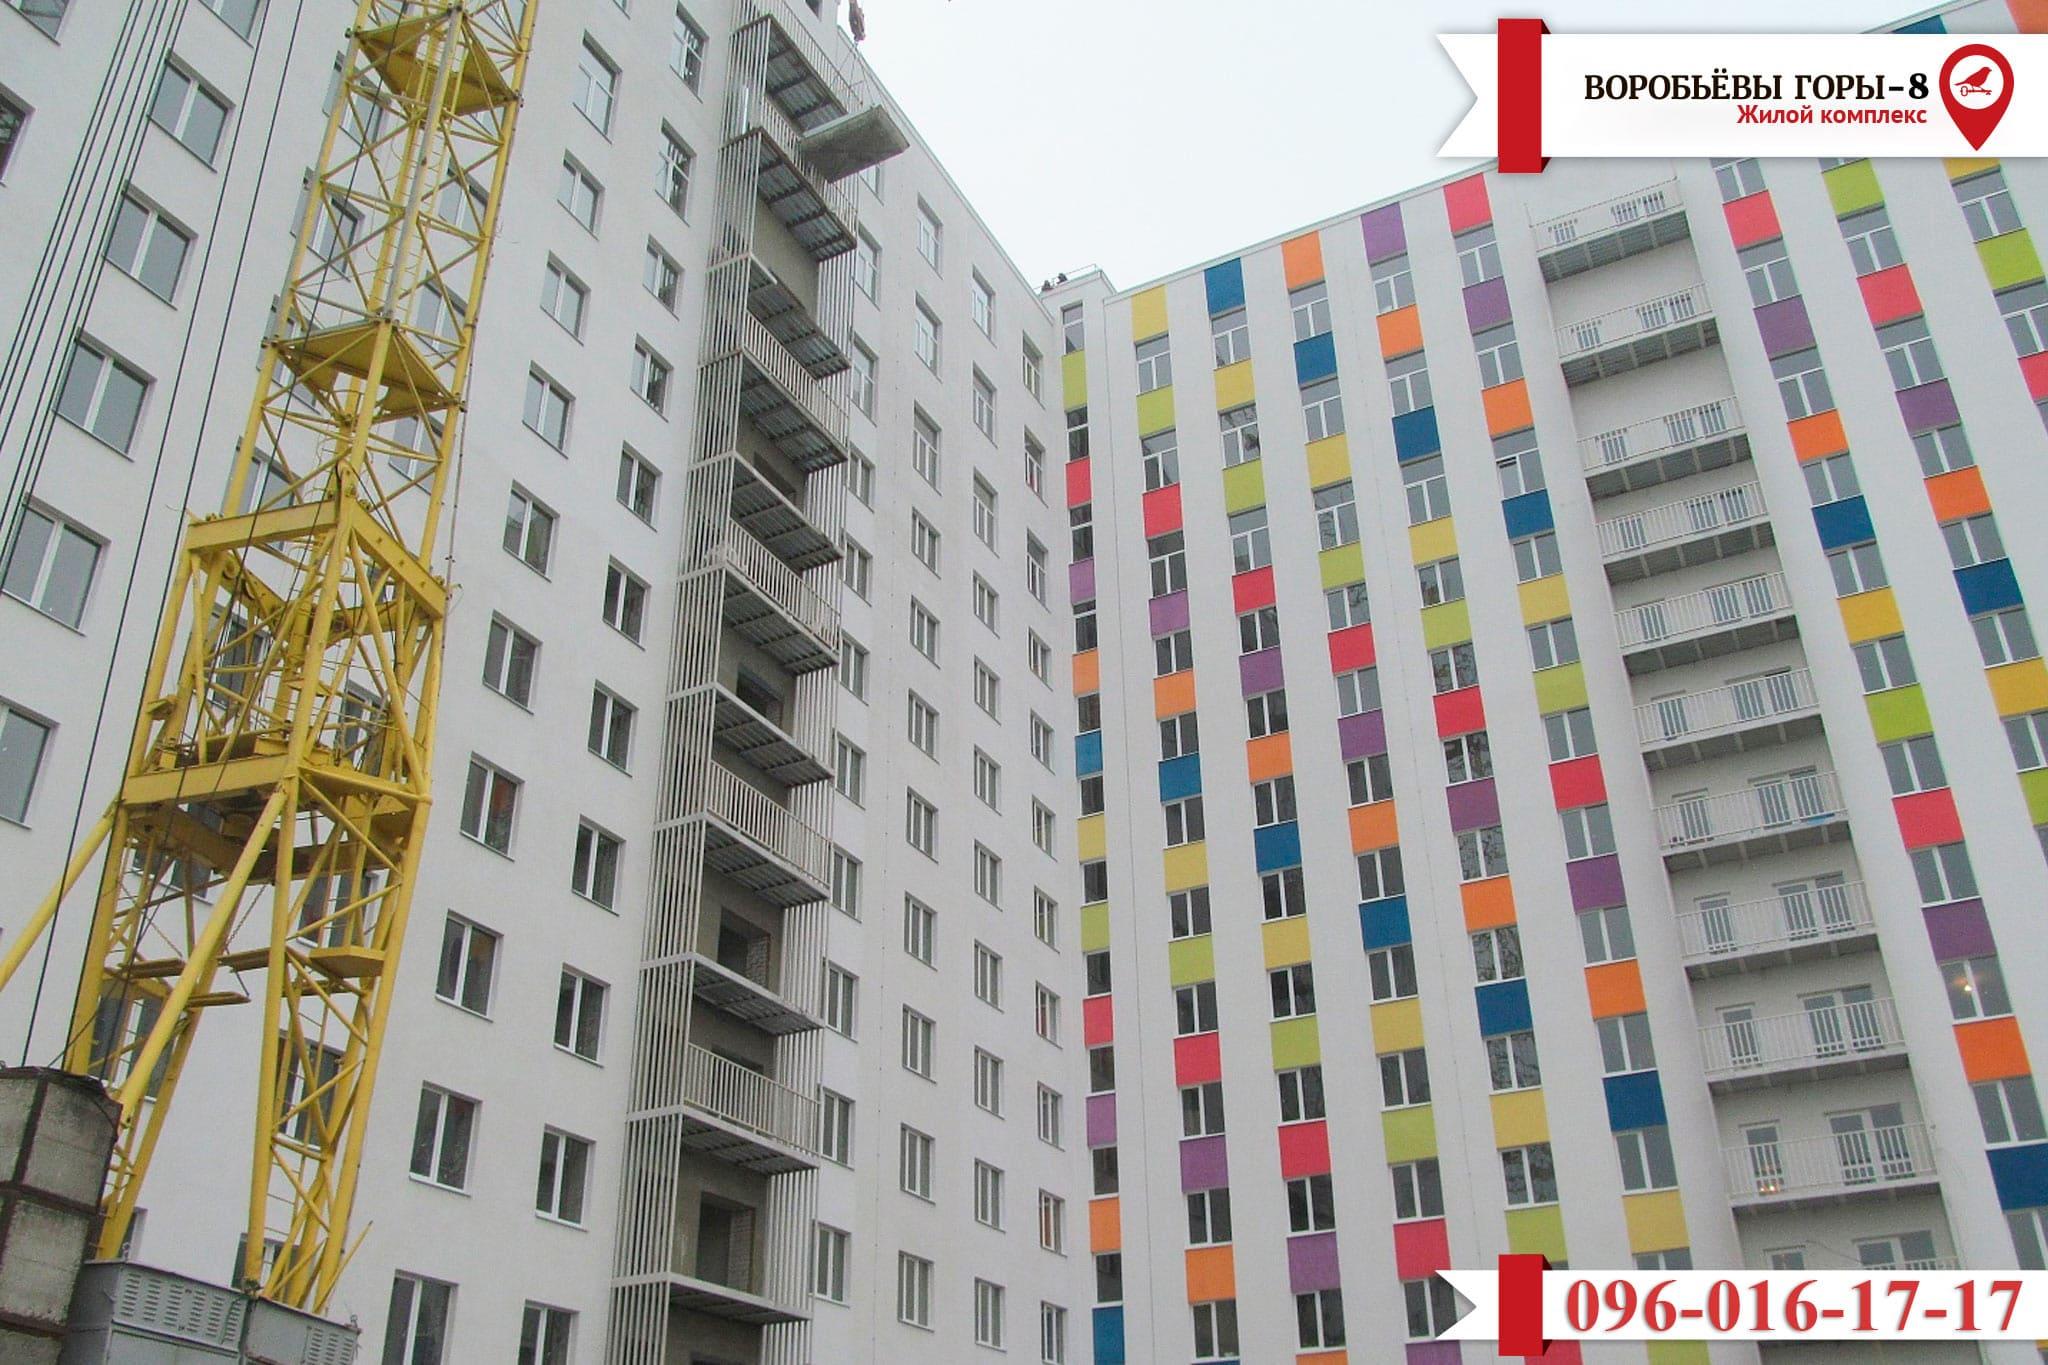 """Новости строительства ЖК """"Воробьевы горы-8"""""""